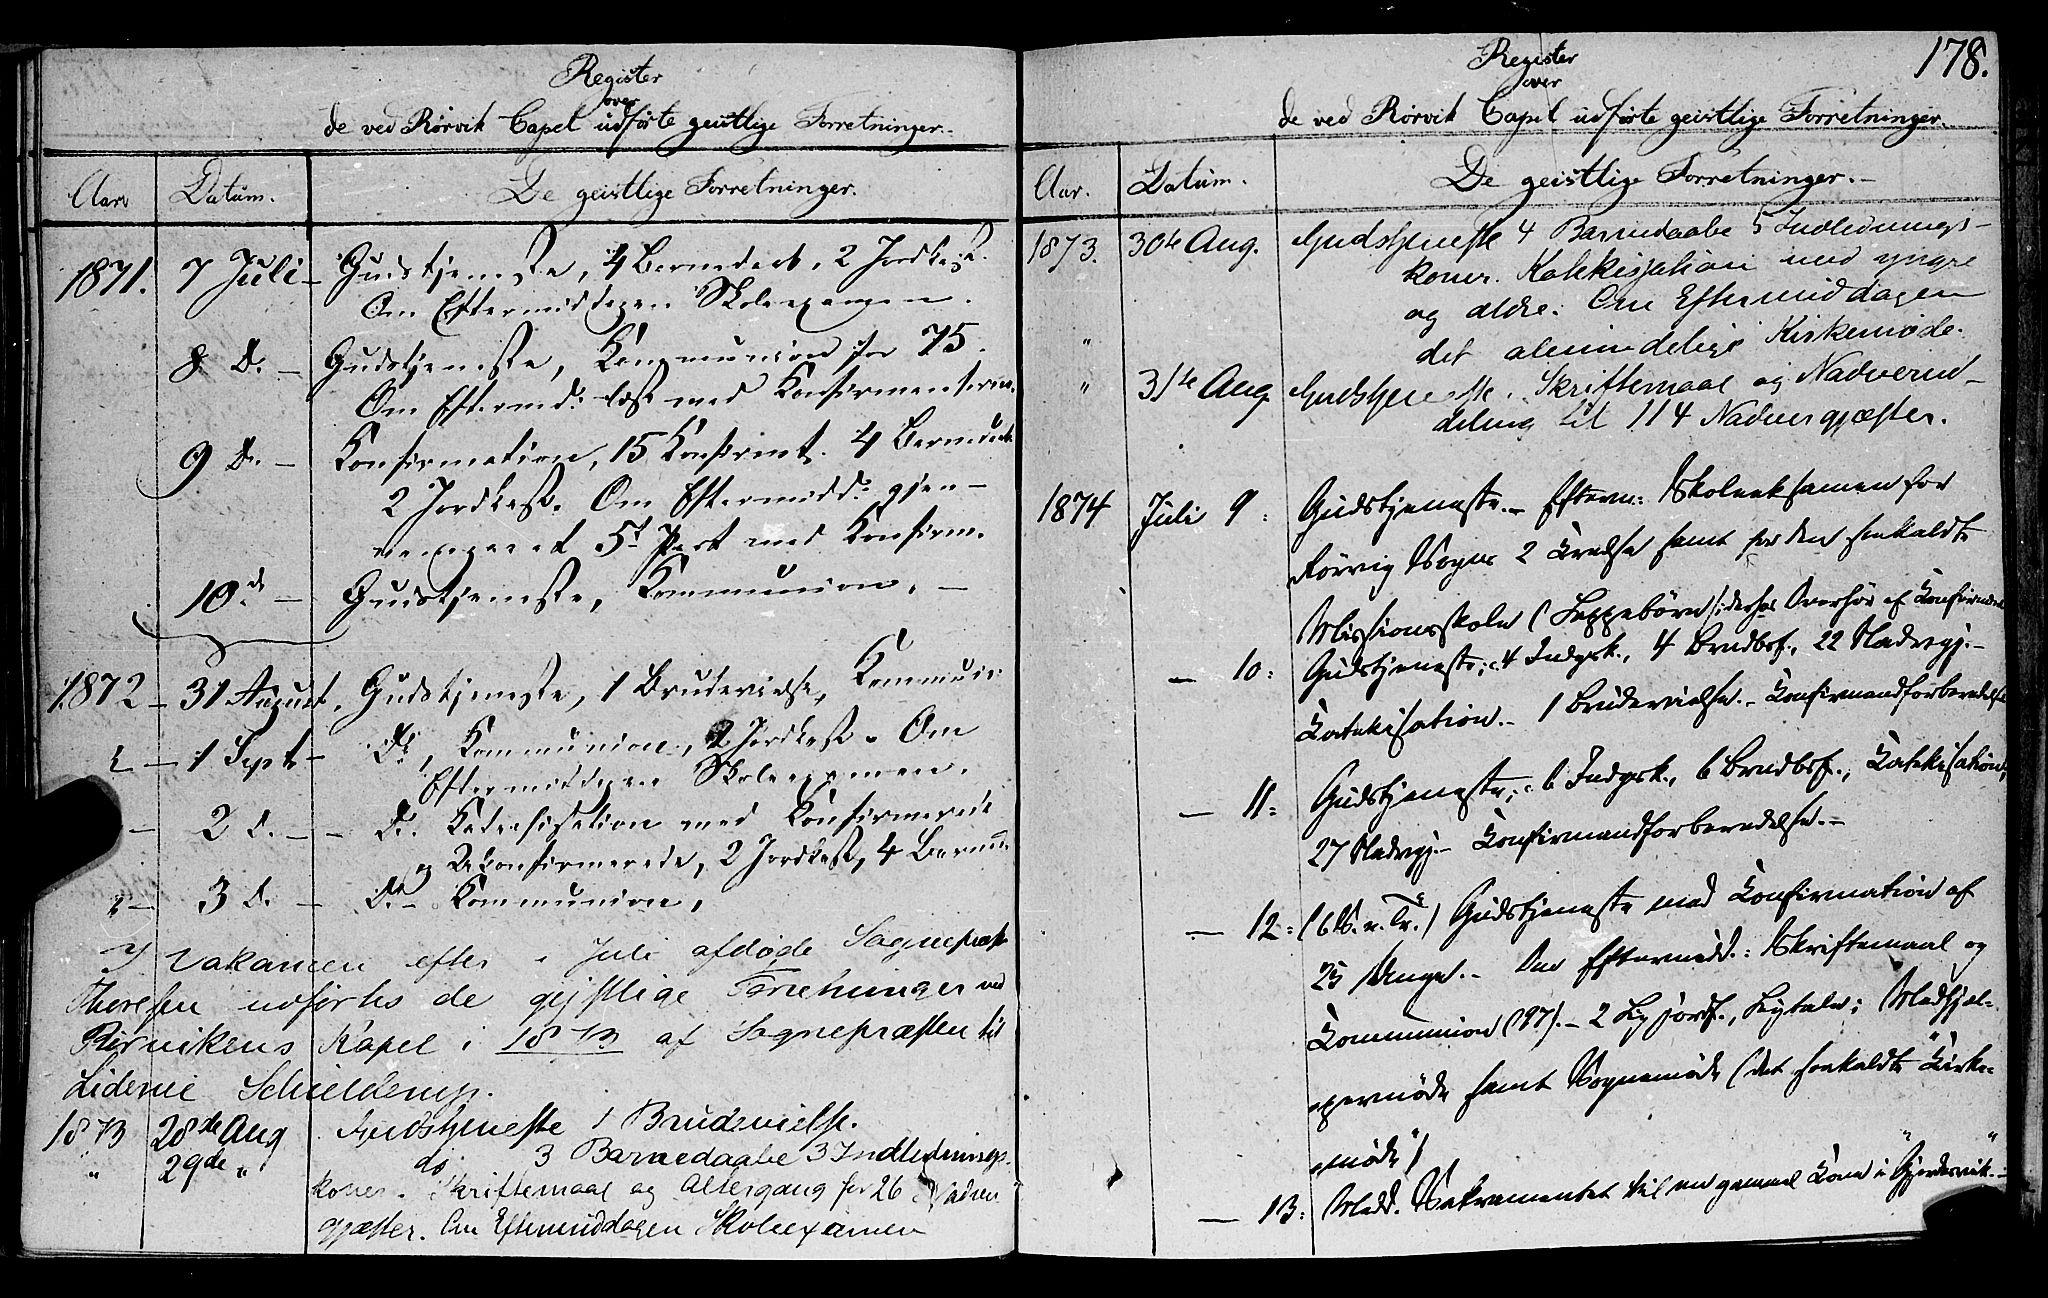 SAT, Ministerialprotokoller, klokkerbøker og fødselsregistre - Nord-Trøndelag, 762/L0538: Ministerialbok nr. 762A02 /1, 1833-1879, s. 178